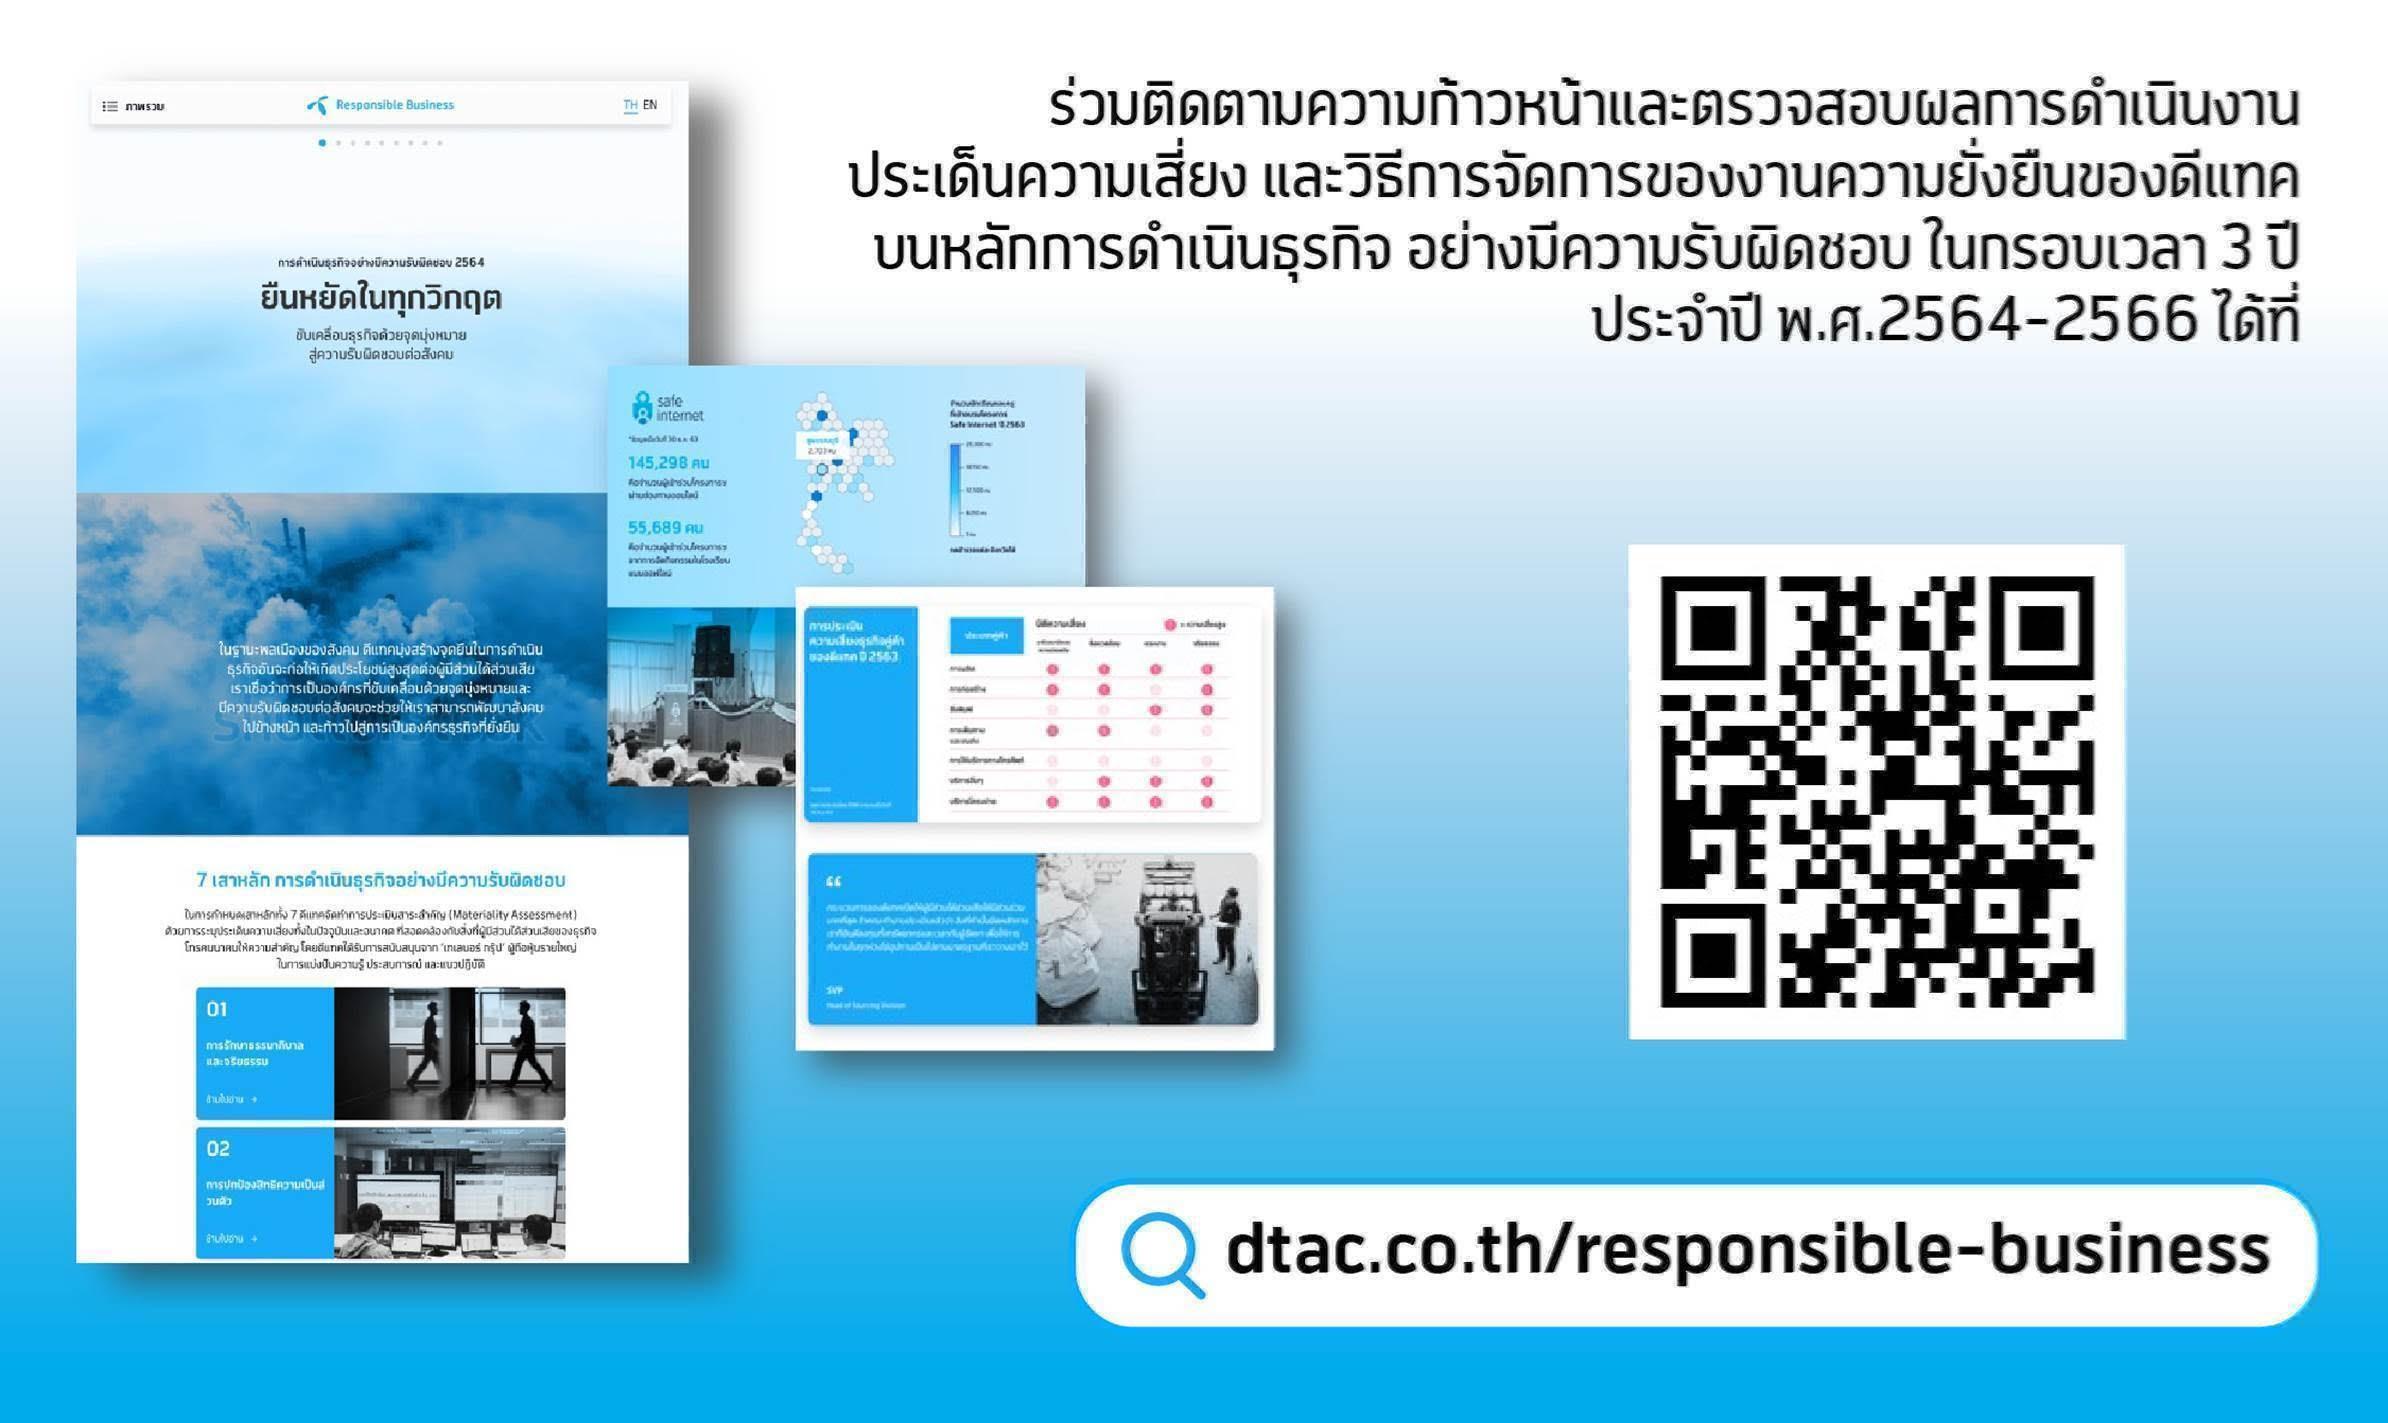 ดีแทคประกาศแผนการดำเนินงานด้านความยั่งยืน (dtac Responsible Business Framework) ประจำปี พ.ศ. 2564-2566